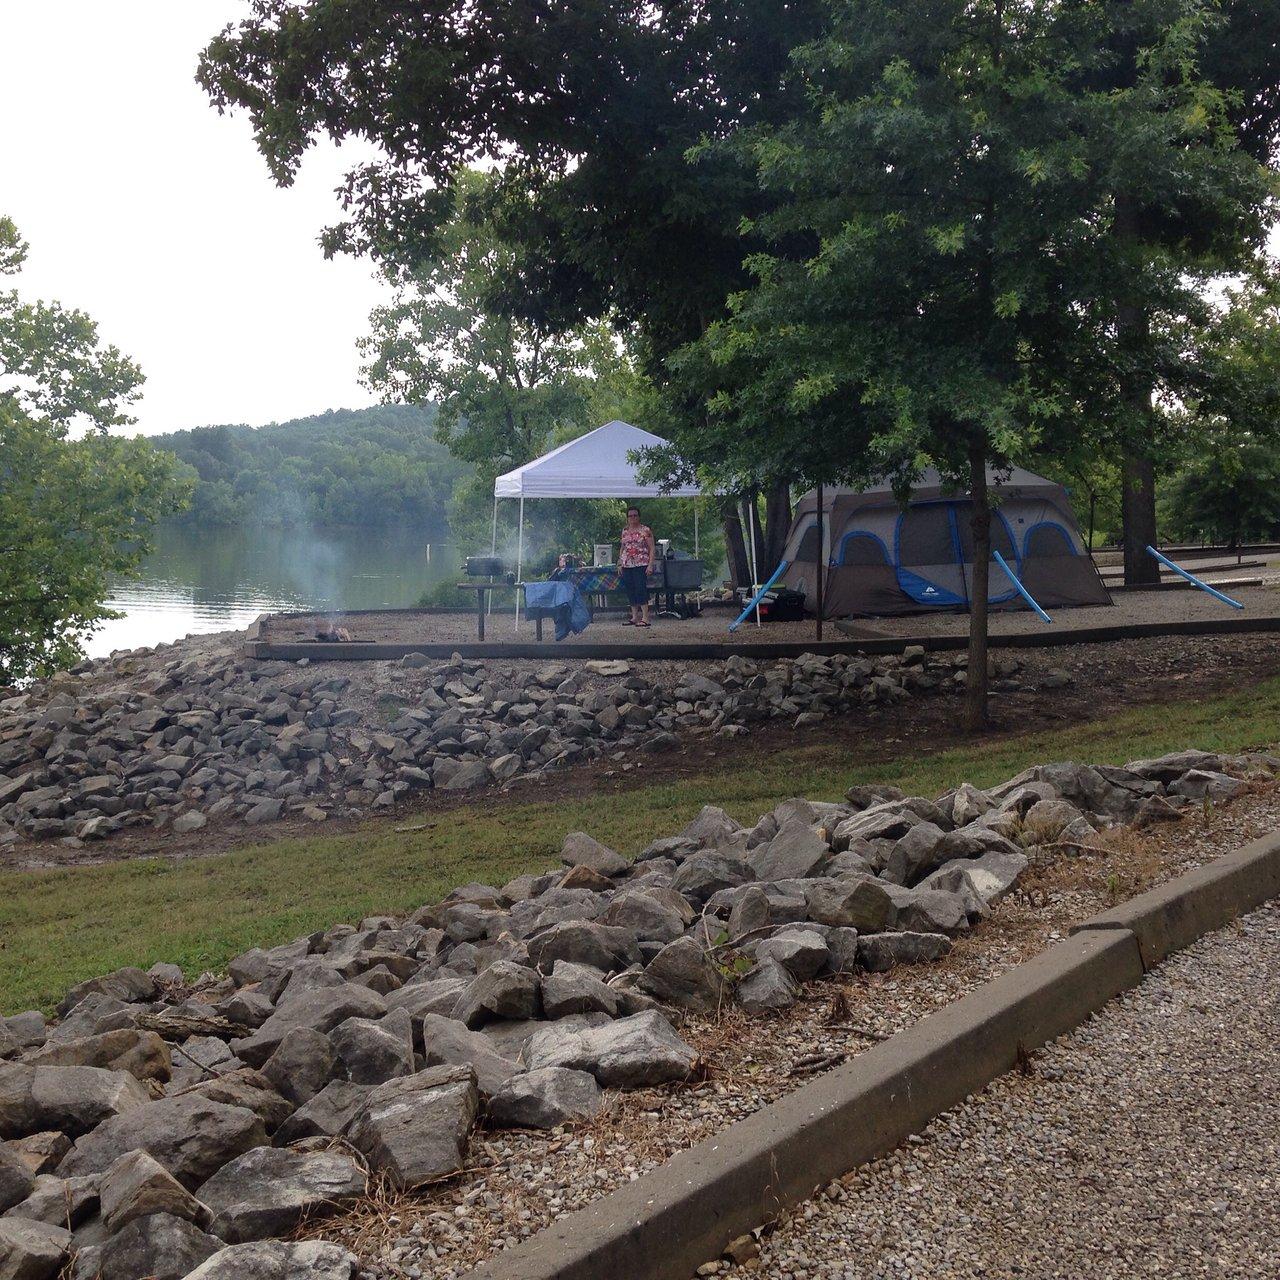 fuld hook up campingpladser i ky pg dating for nulstillet 2015